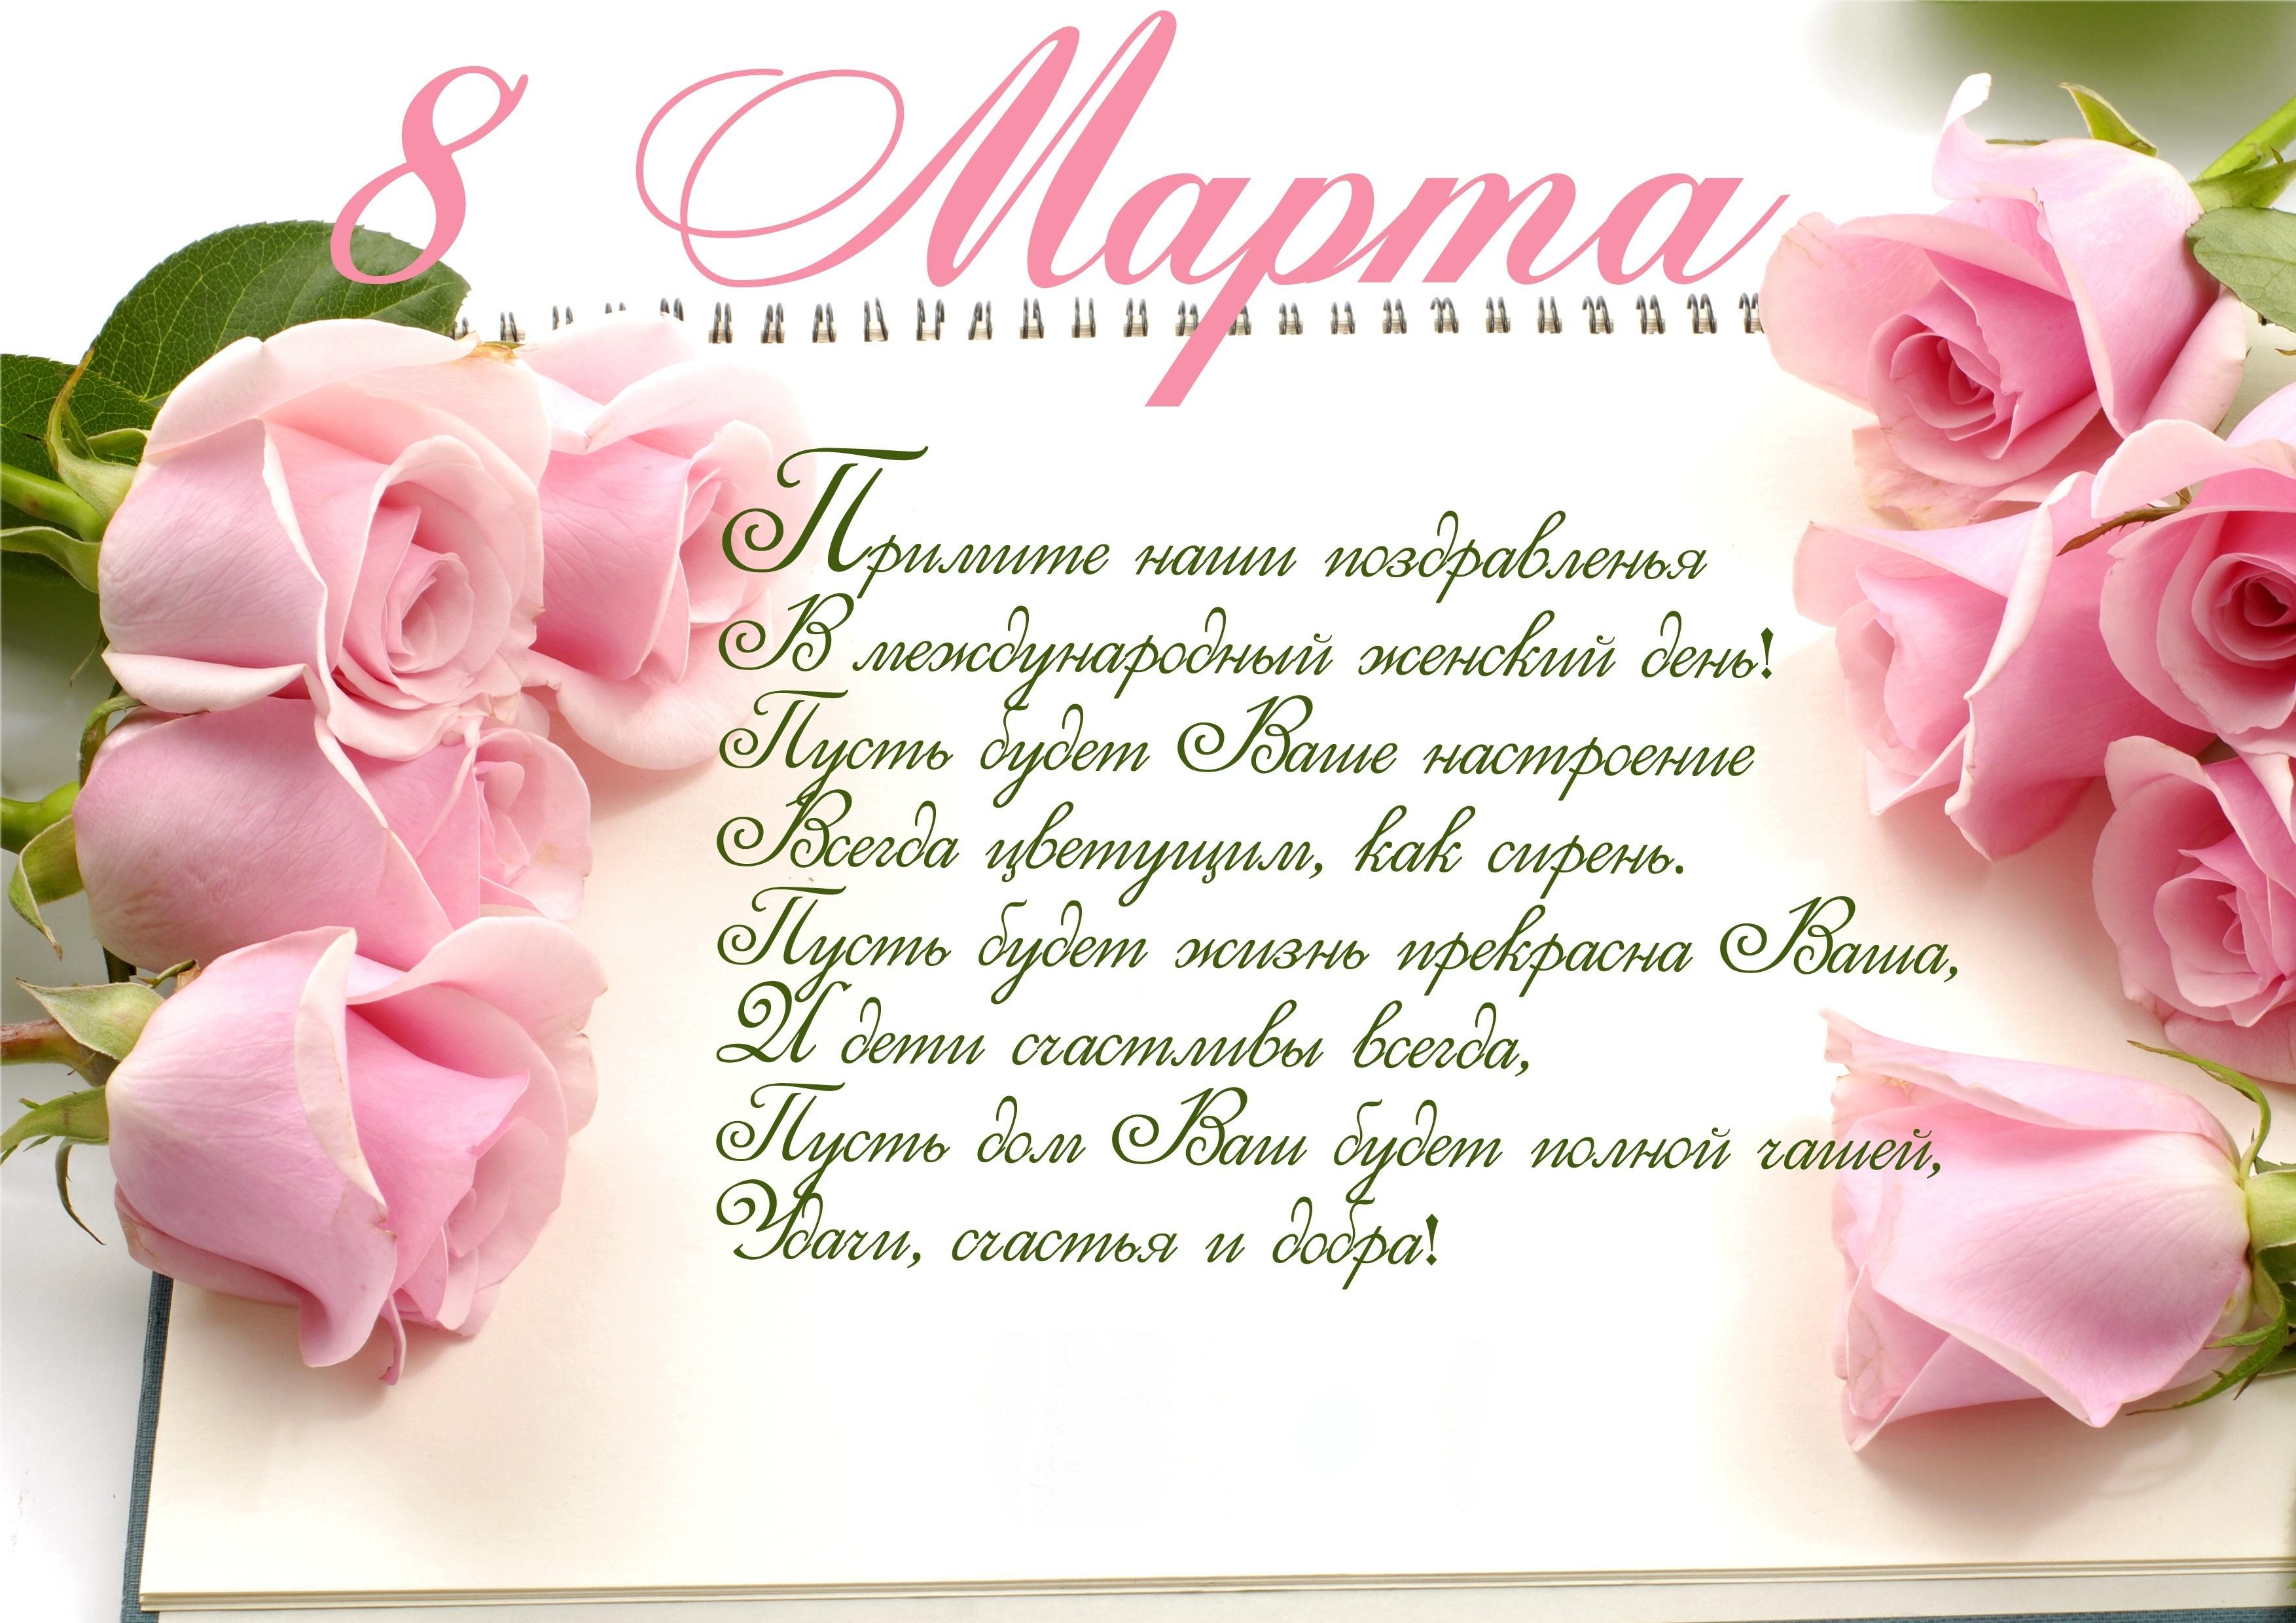 Дню, с 8 марта открытка с поздравлениями